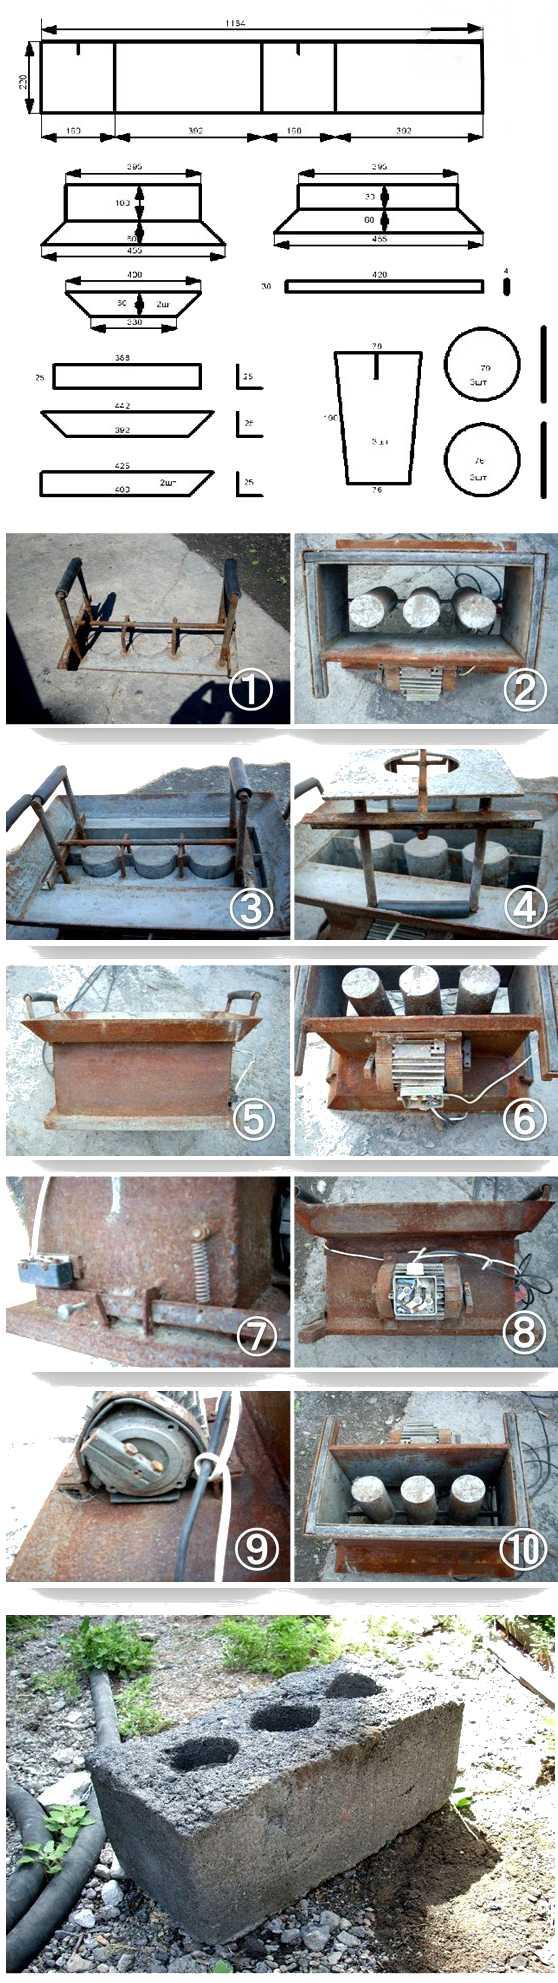 формы для изготовления шлакоблоков своими руками